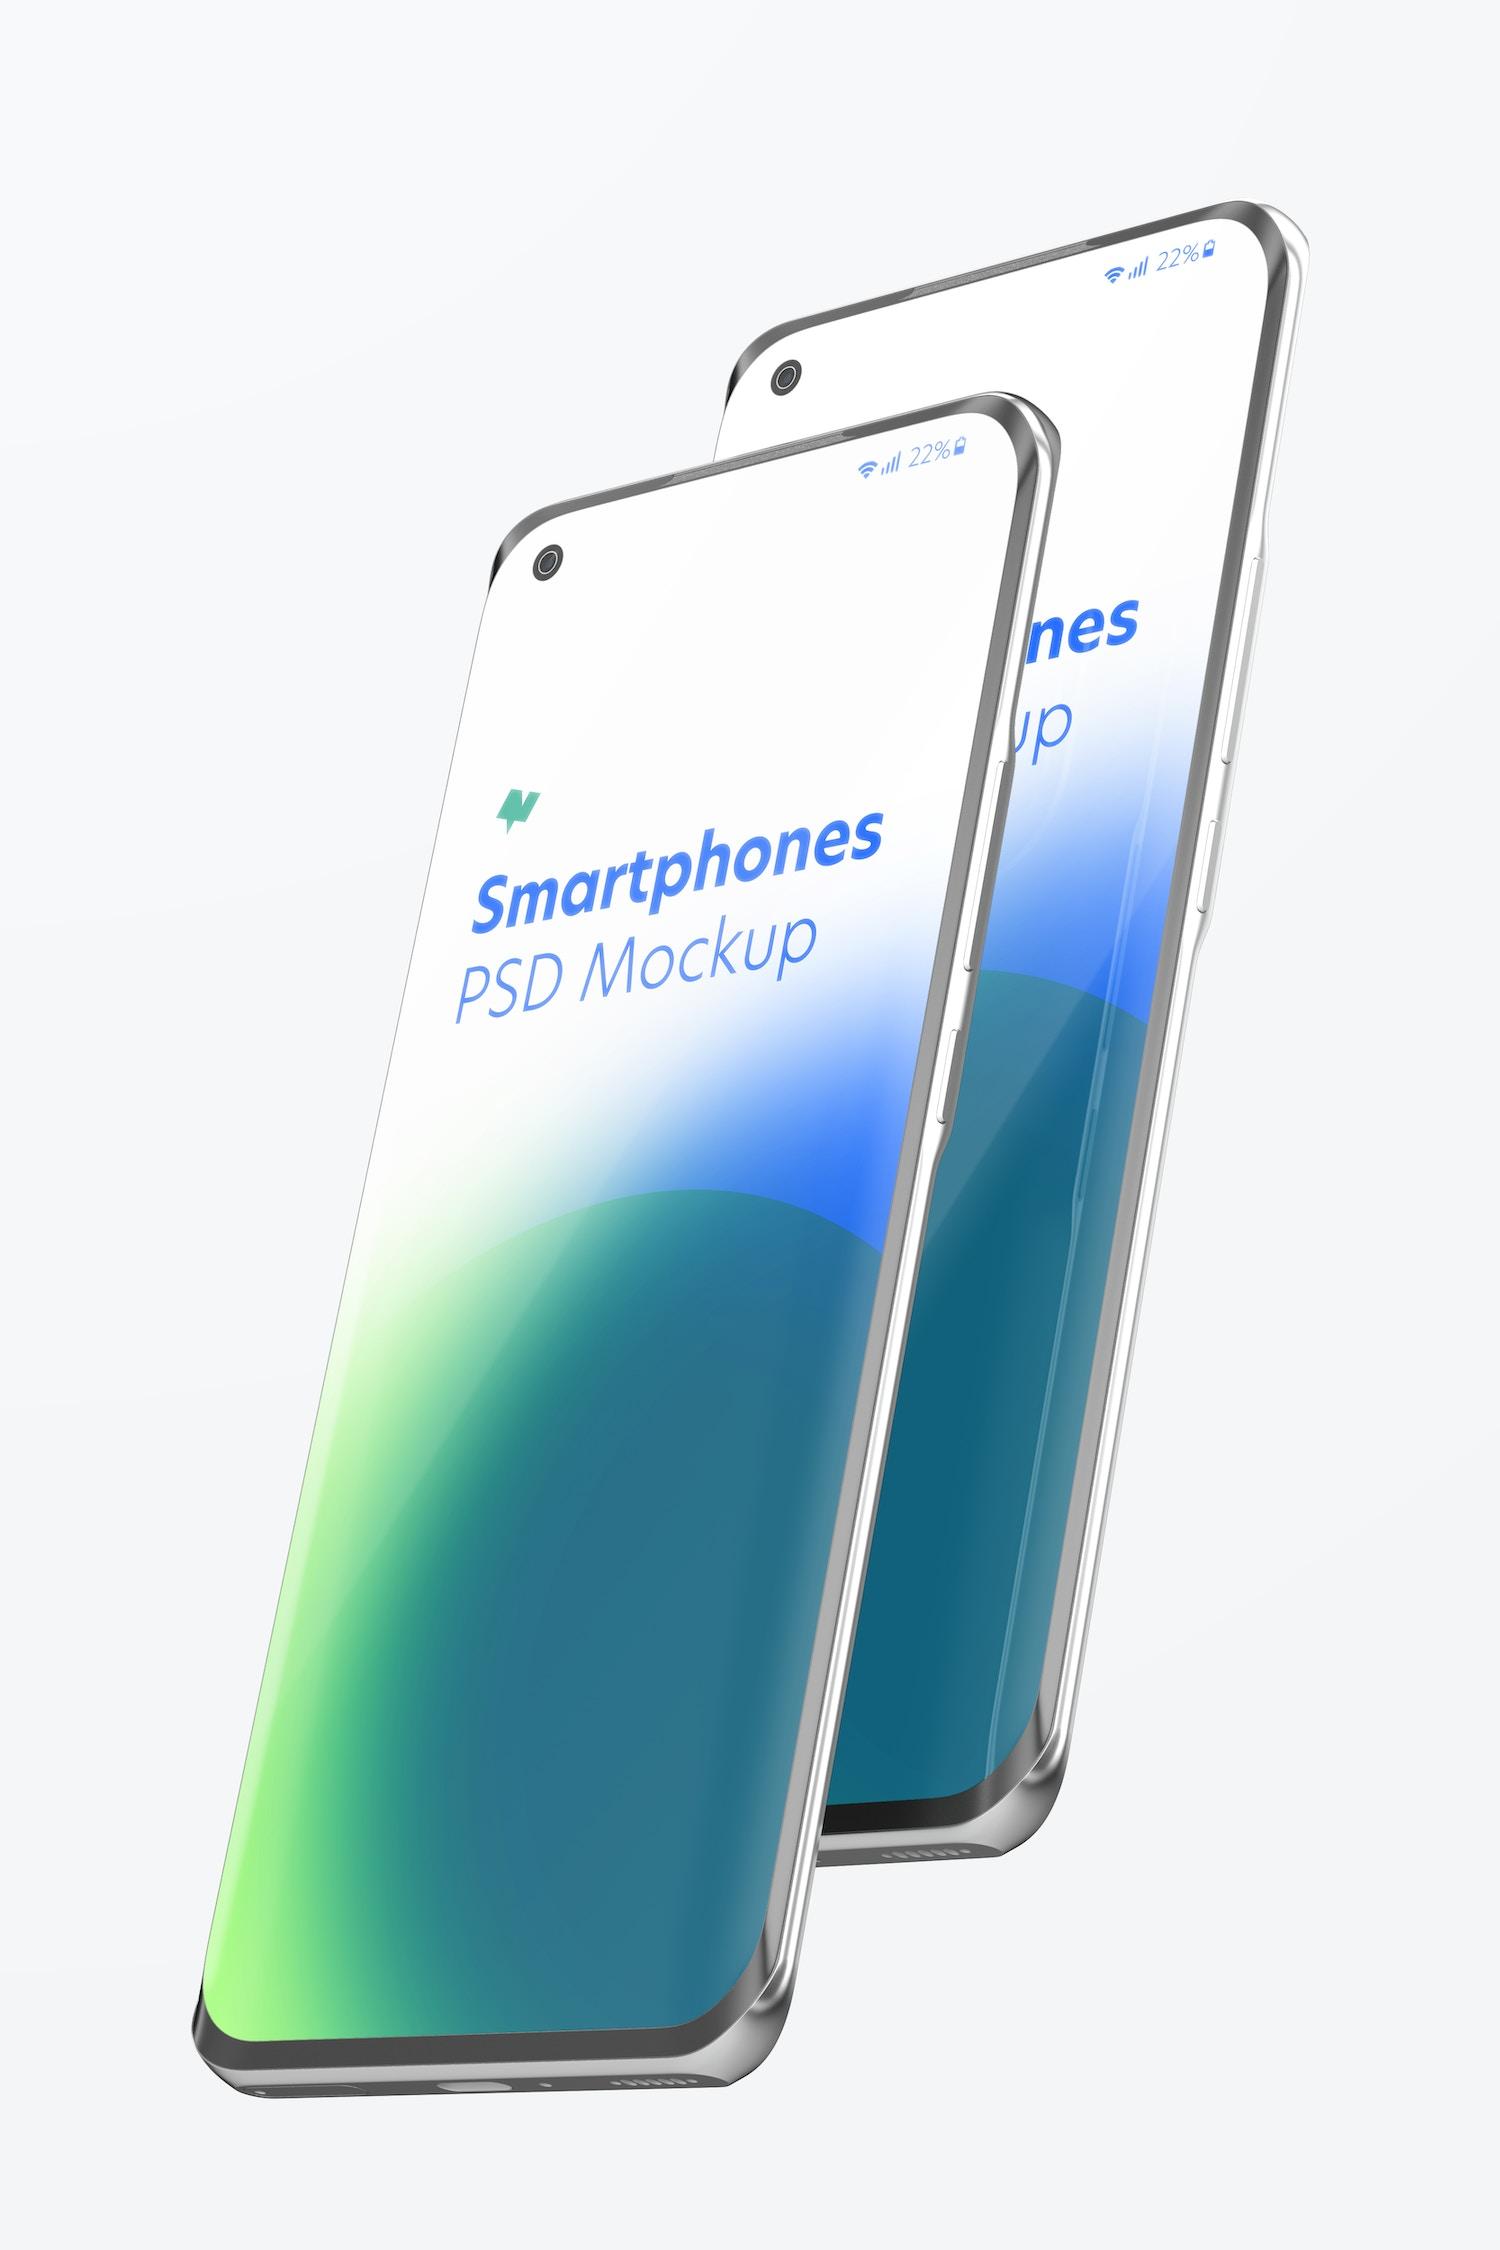 Xiaomi Smartphones Mockup